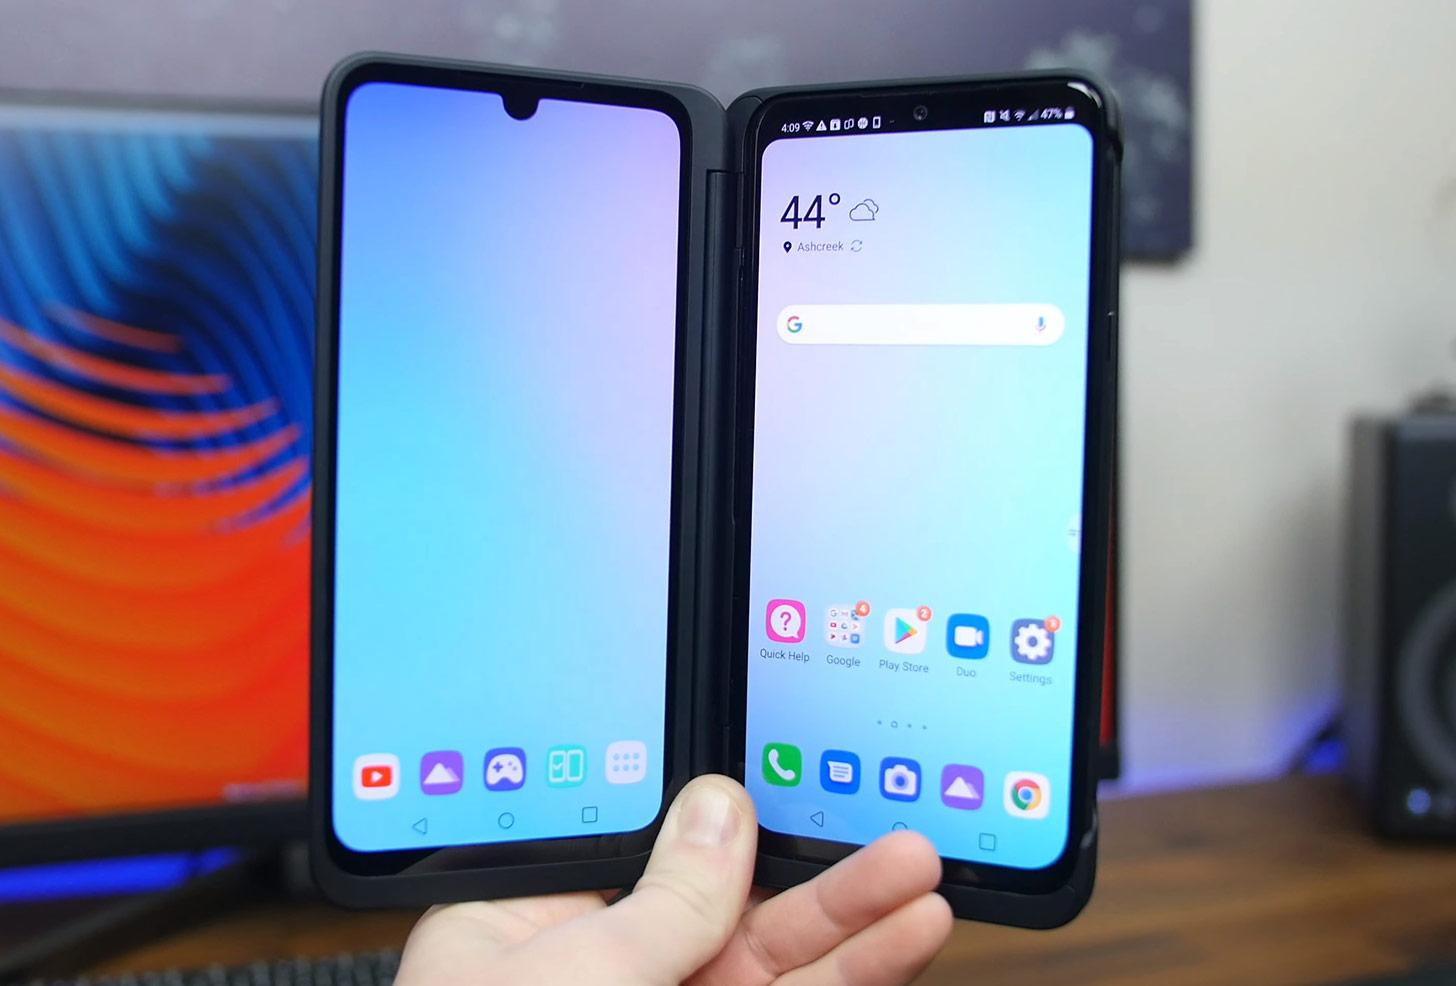 Ujawniono harmonogram aktualizacji Androida 10 firmy LG